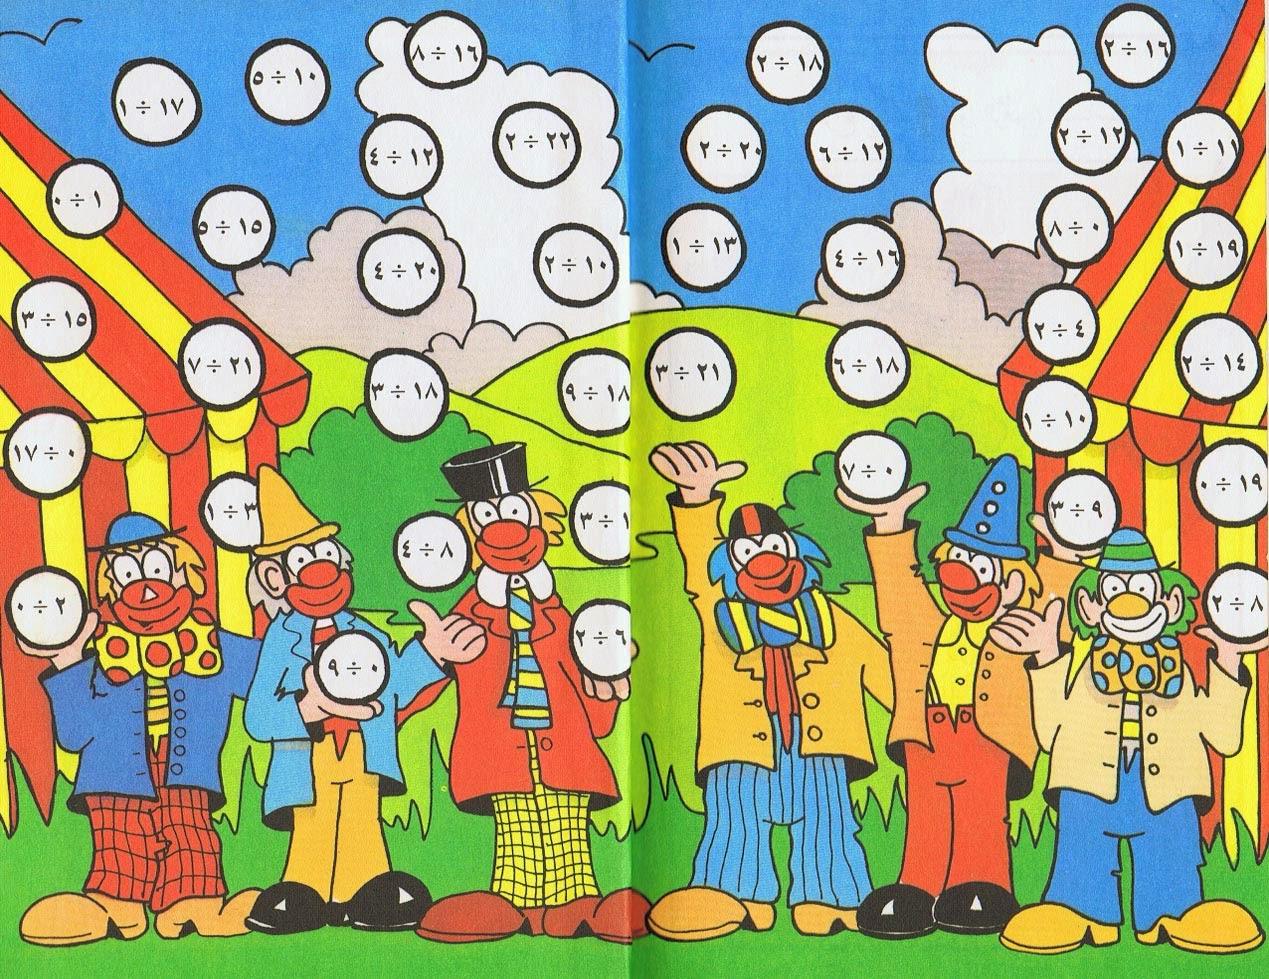 كتاب تعليم القسمة لأطفال الصف الثالث بالألوان الطبيعية 2015 CCI05062012_00030.jp